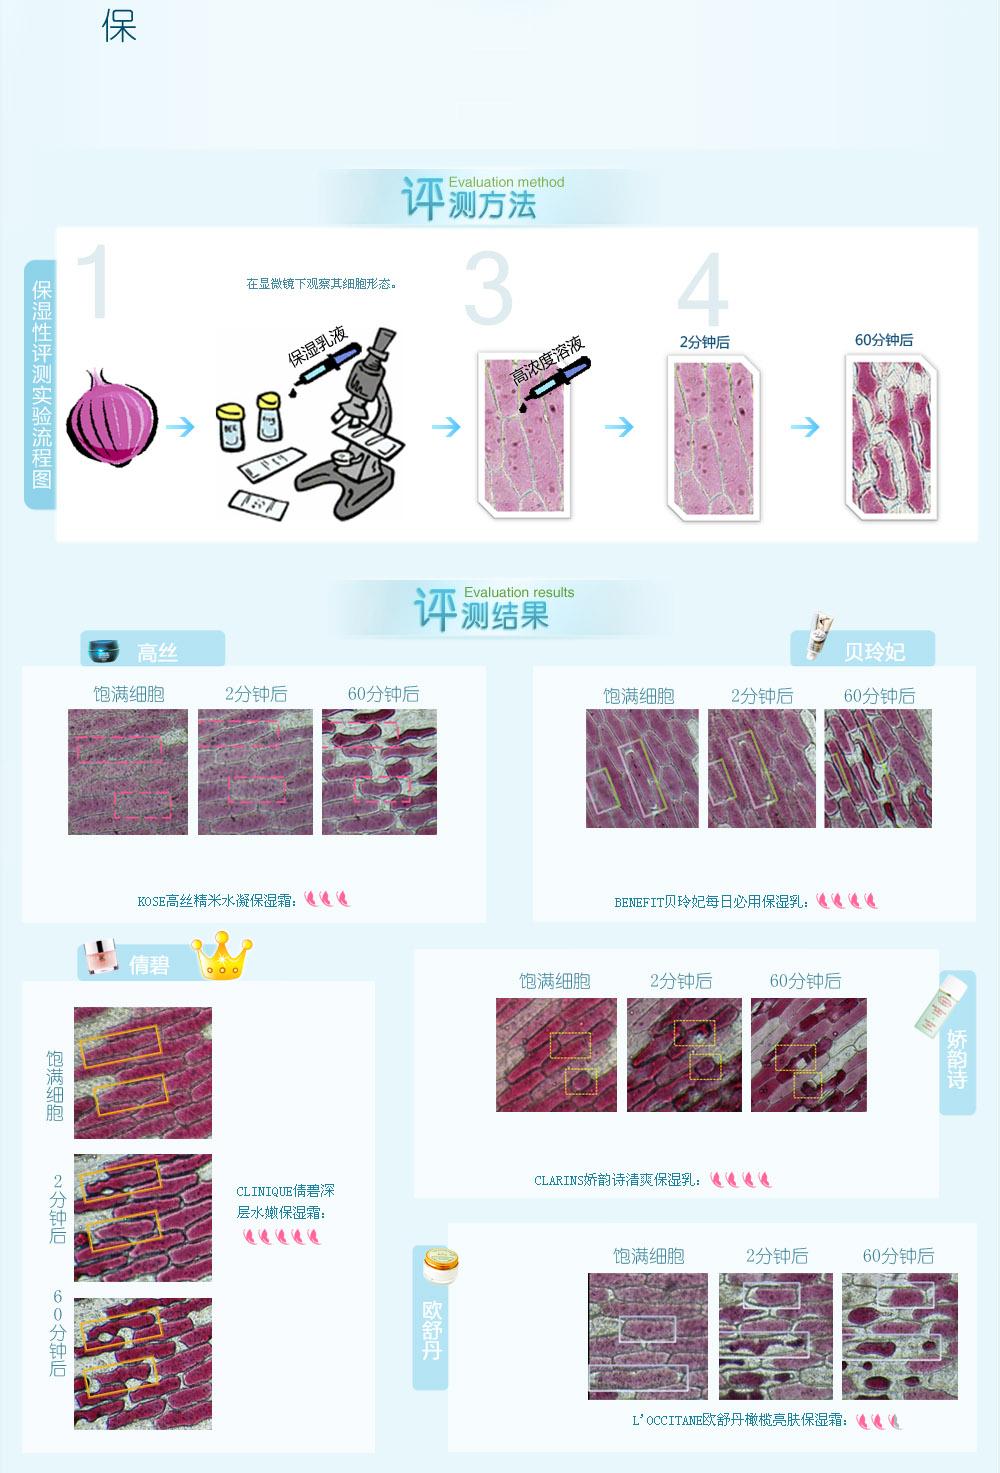 添加了保湿品的洋葱细胞基本形态不变,可见保湿品不会让洋葱细胞发生失水反应,理论上保湿品的保湿成分会让水分锁在细胞内。滴加高浓度溶液后,细胞会发生高渗反应,水分由低浓度流向高浓度,细胞由于失去水分而萎缩,形态发生改变,颜色也会加深,而有效的保湿成分会延慢这个过程。 通过实验图片可知,倩碧能让细胞基本保持原来形态,理论保湿性极出色;滴加了娇韵诗与贝玲妃的细胞只有少数的细胞颜色变深、缩小,理论保湿性较好;高丝和欧舒丹则不能很好的保护洋葱细胞,细胞发生失水反应,形态明显萎缩,颜色加深,这两款理论保湿性都一般。